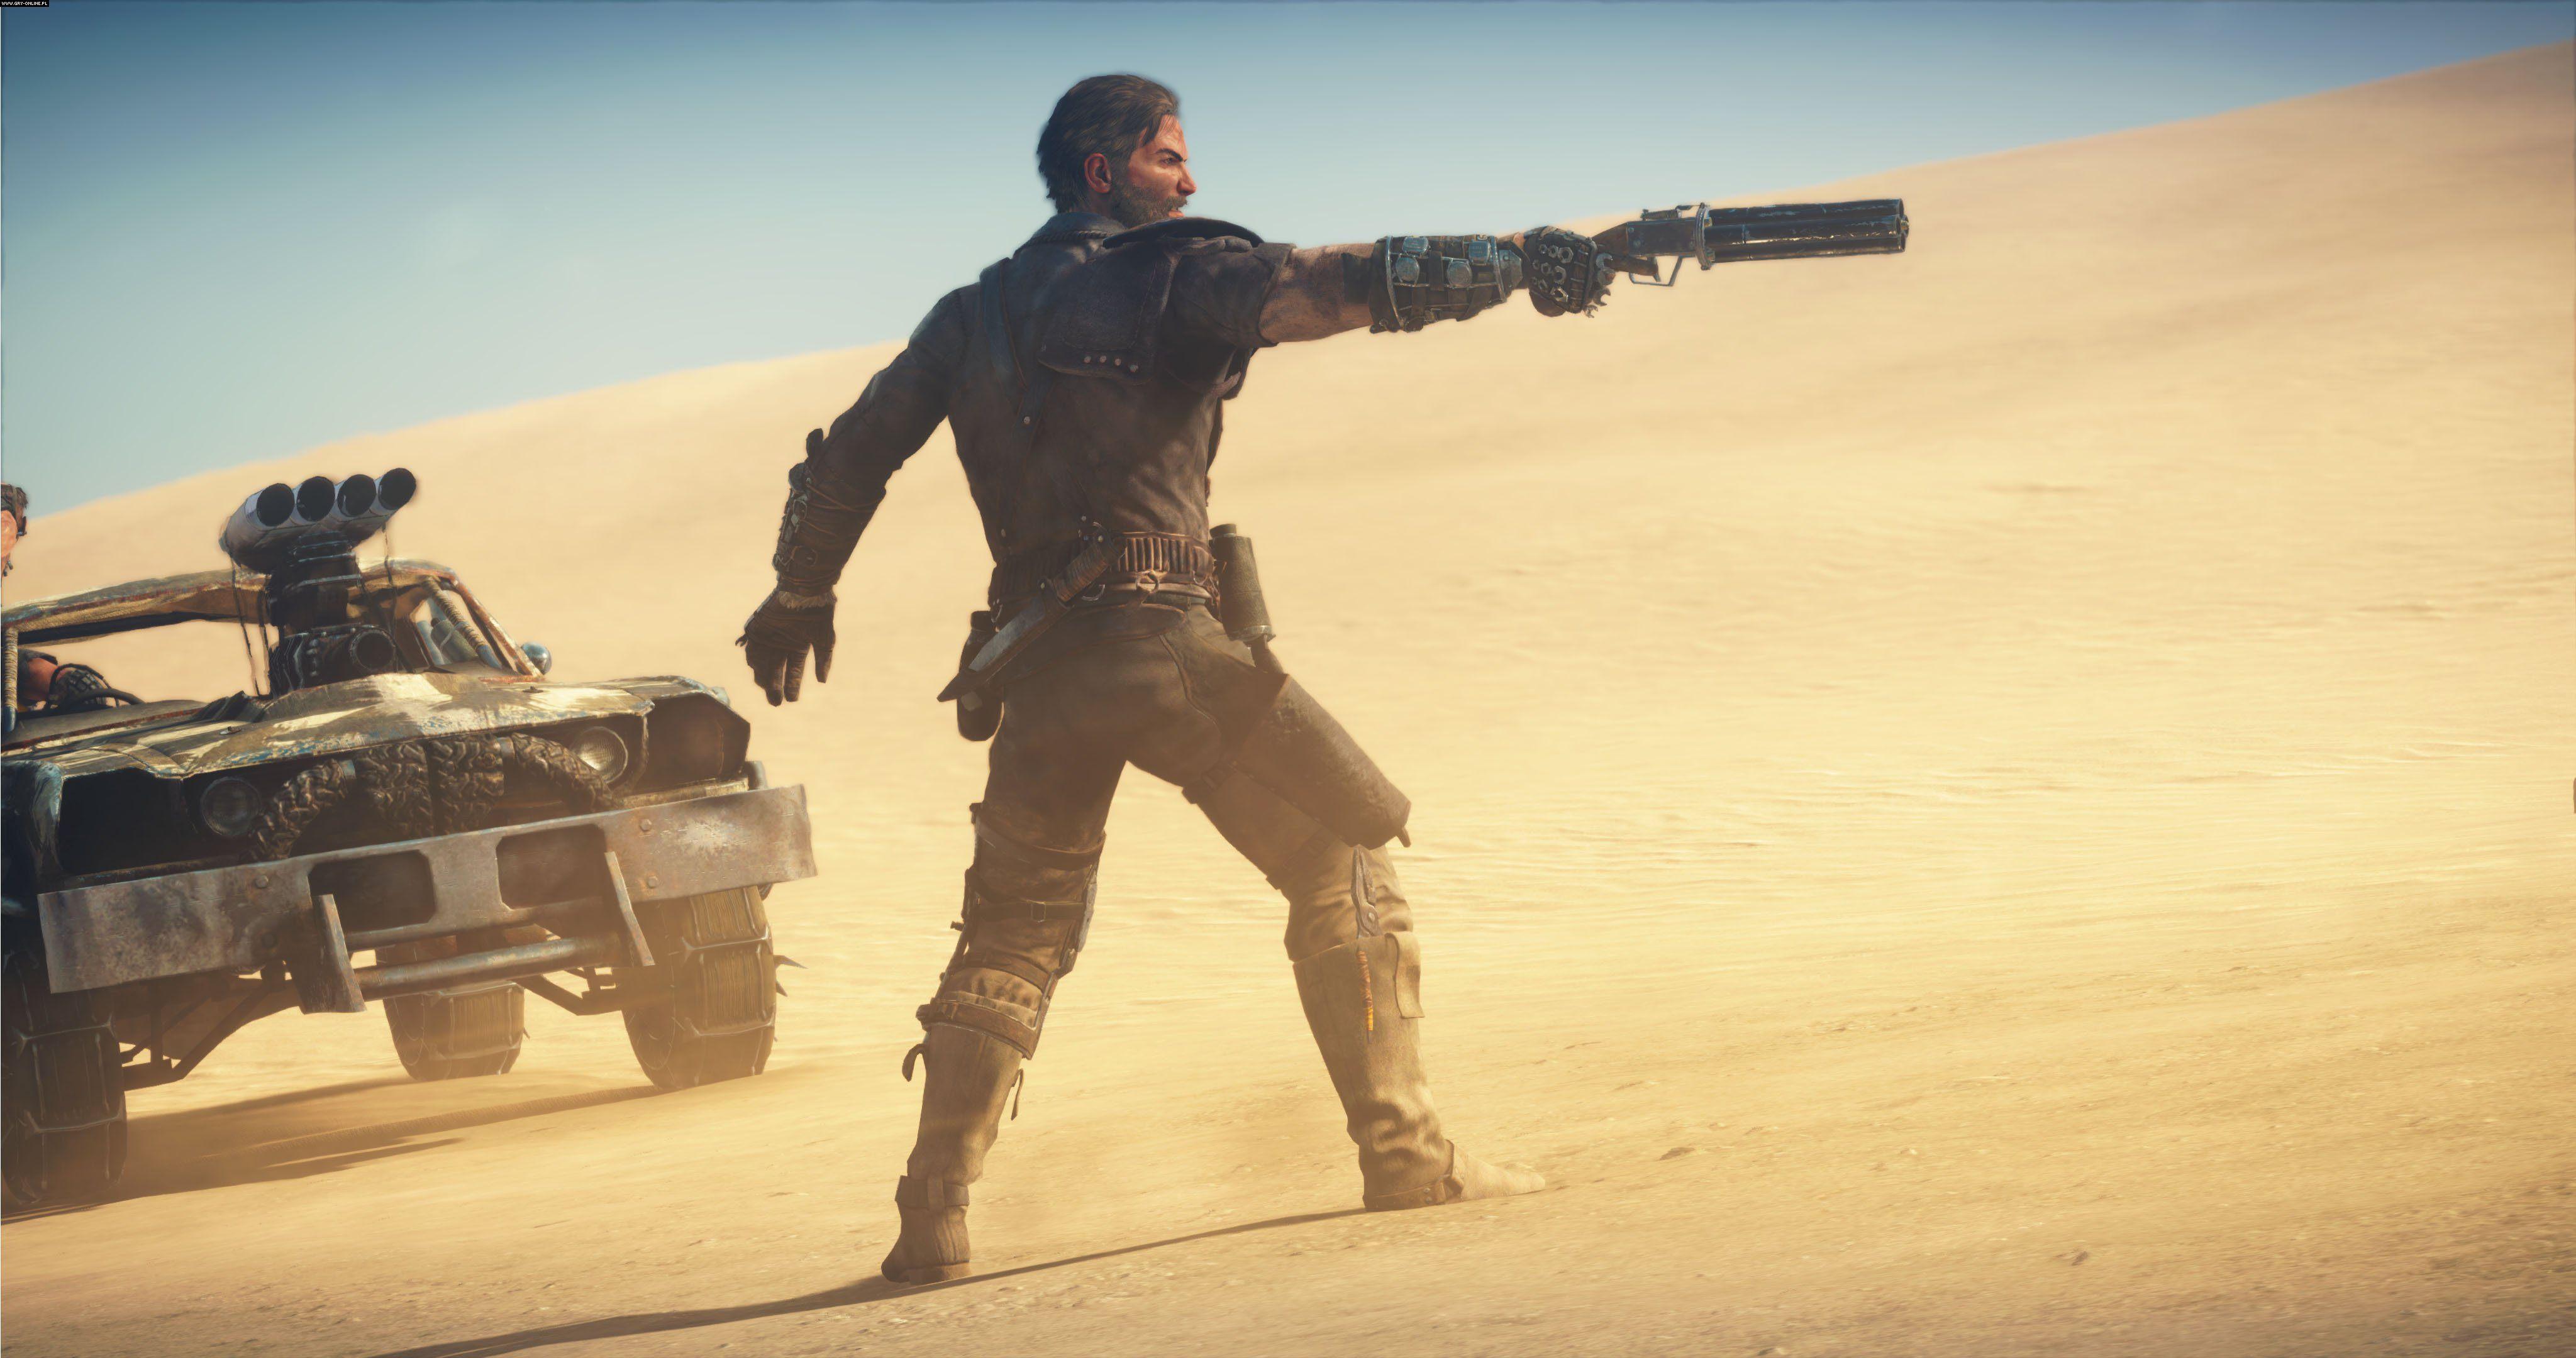 Mad Max image #1